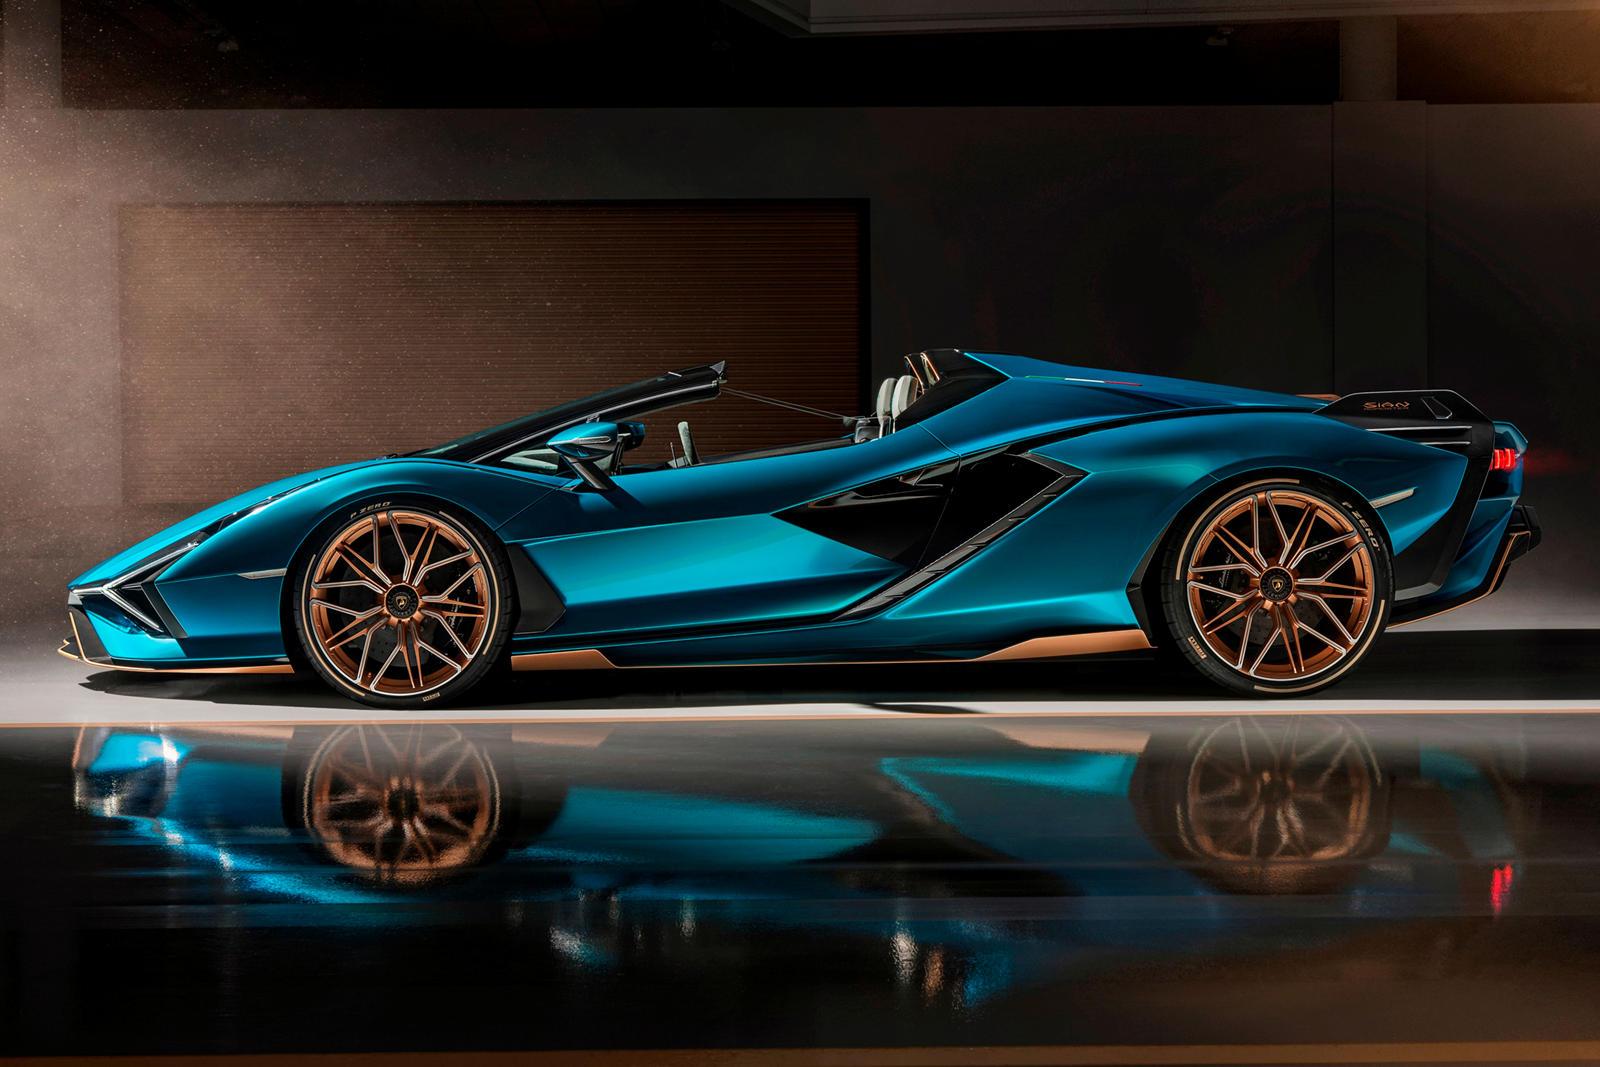 Все более свежие модели Lamborghini V12 имеют как минимум десятилетний срок службы, поэтому можно с уверенностью предположить, что бренд продолжит предлагать его как минимум до 2030 или 2031 года.